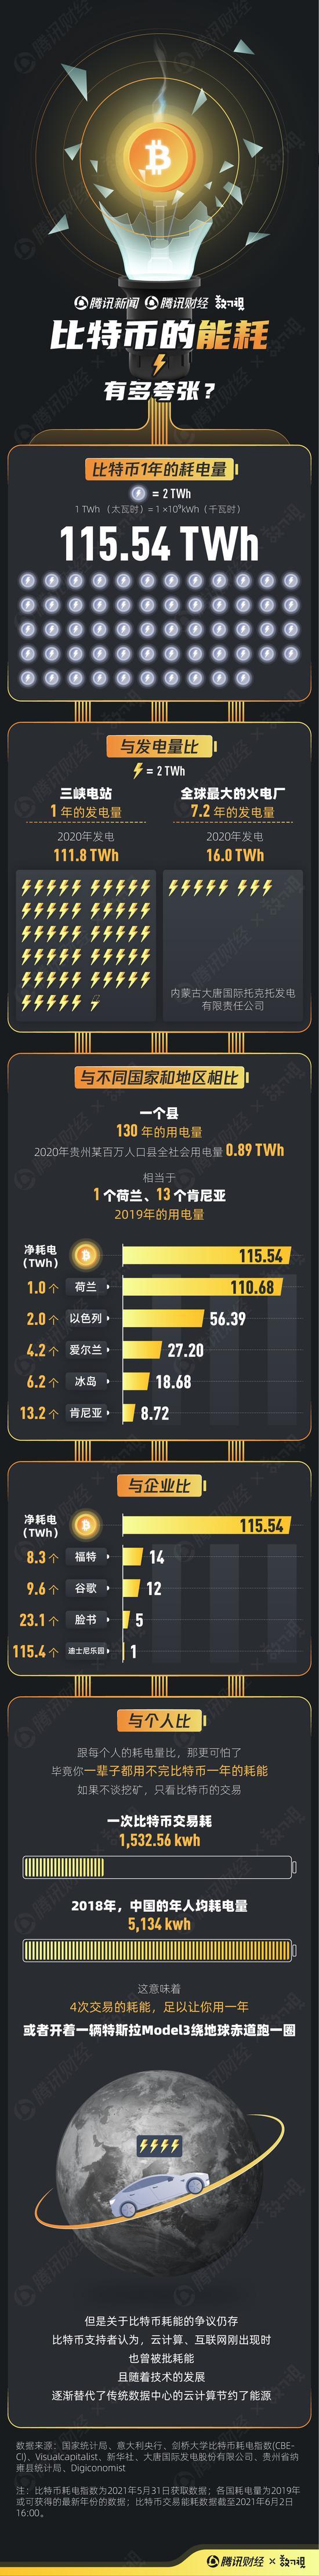 比特币年耗电量惊人:相当于三峡全年发电量 百万人口县城可用130年